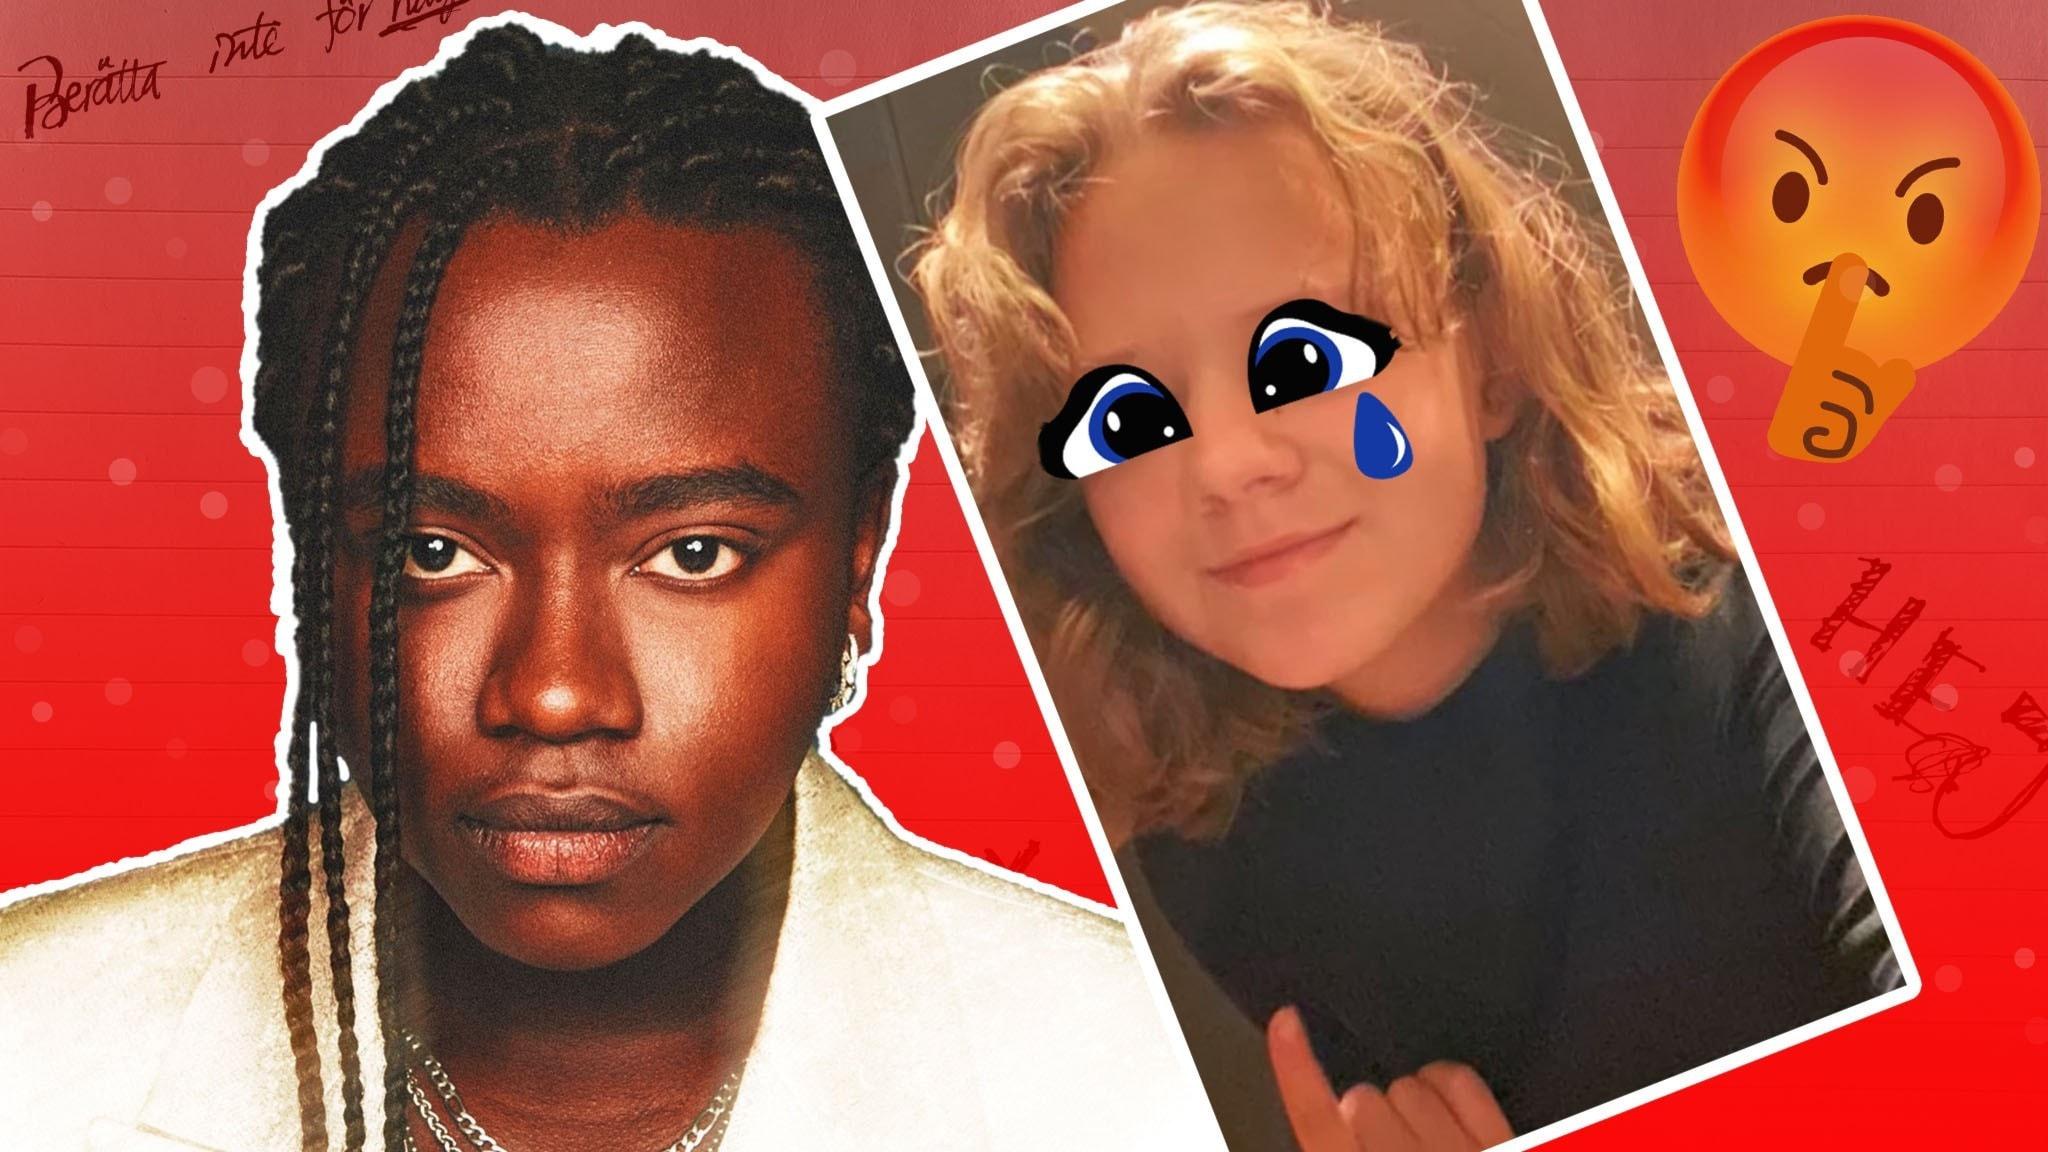 """Tusse Chiza är programledare för Tjuvlyssnat. I avsnitt 5 handlar det om Jana. Hennes kompis bestämmer allt men kompisen går för långt och Jana ljuger för henne. En lögn som kommer bli katastrof. Samuel har alltid varit en glad person. En lapp ändrar allt. Det står: """"Du är ful""""."""